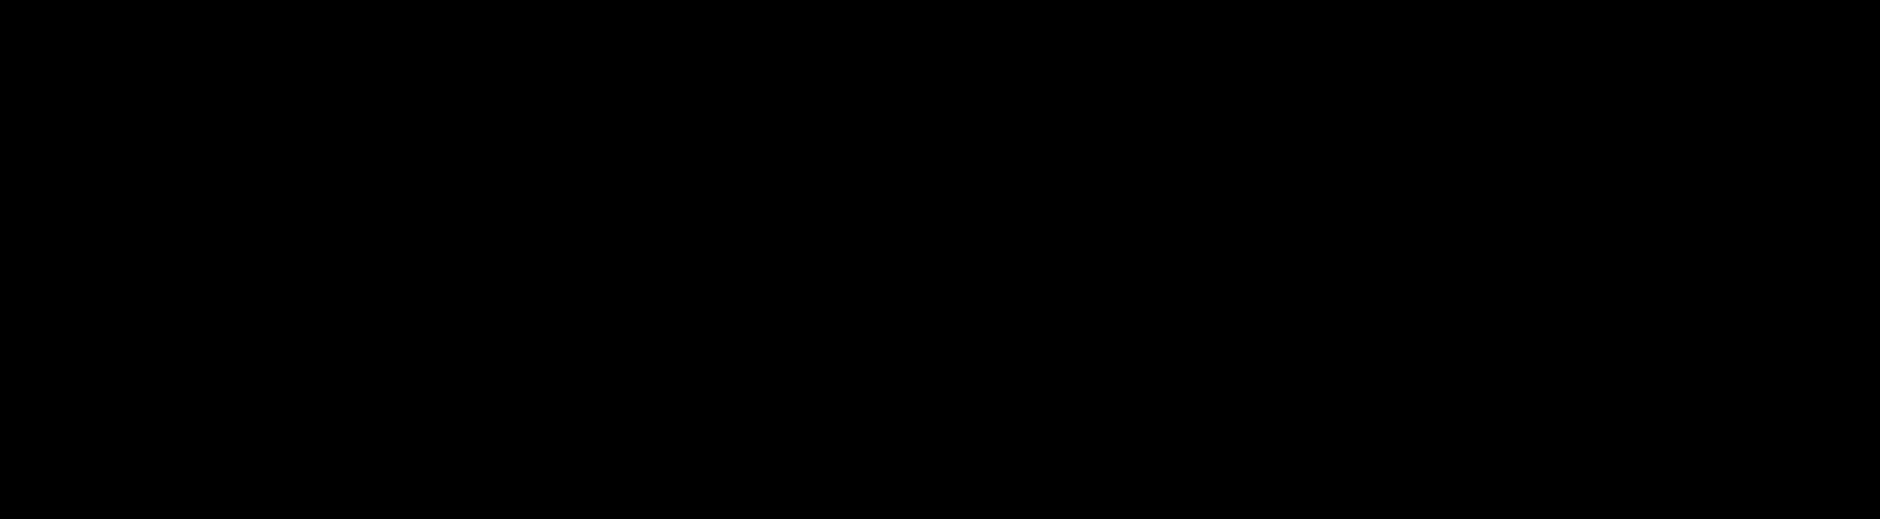 ミュージカル「スタミュ」スピンオフ「Storytellers」公演BD&DVD販売特設サイト